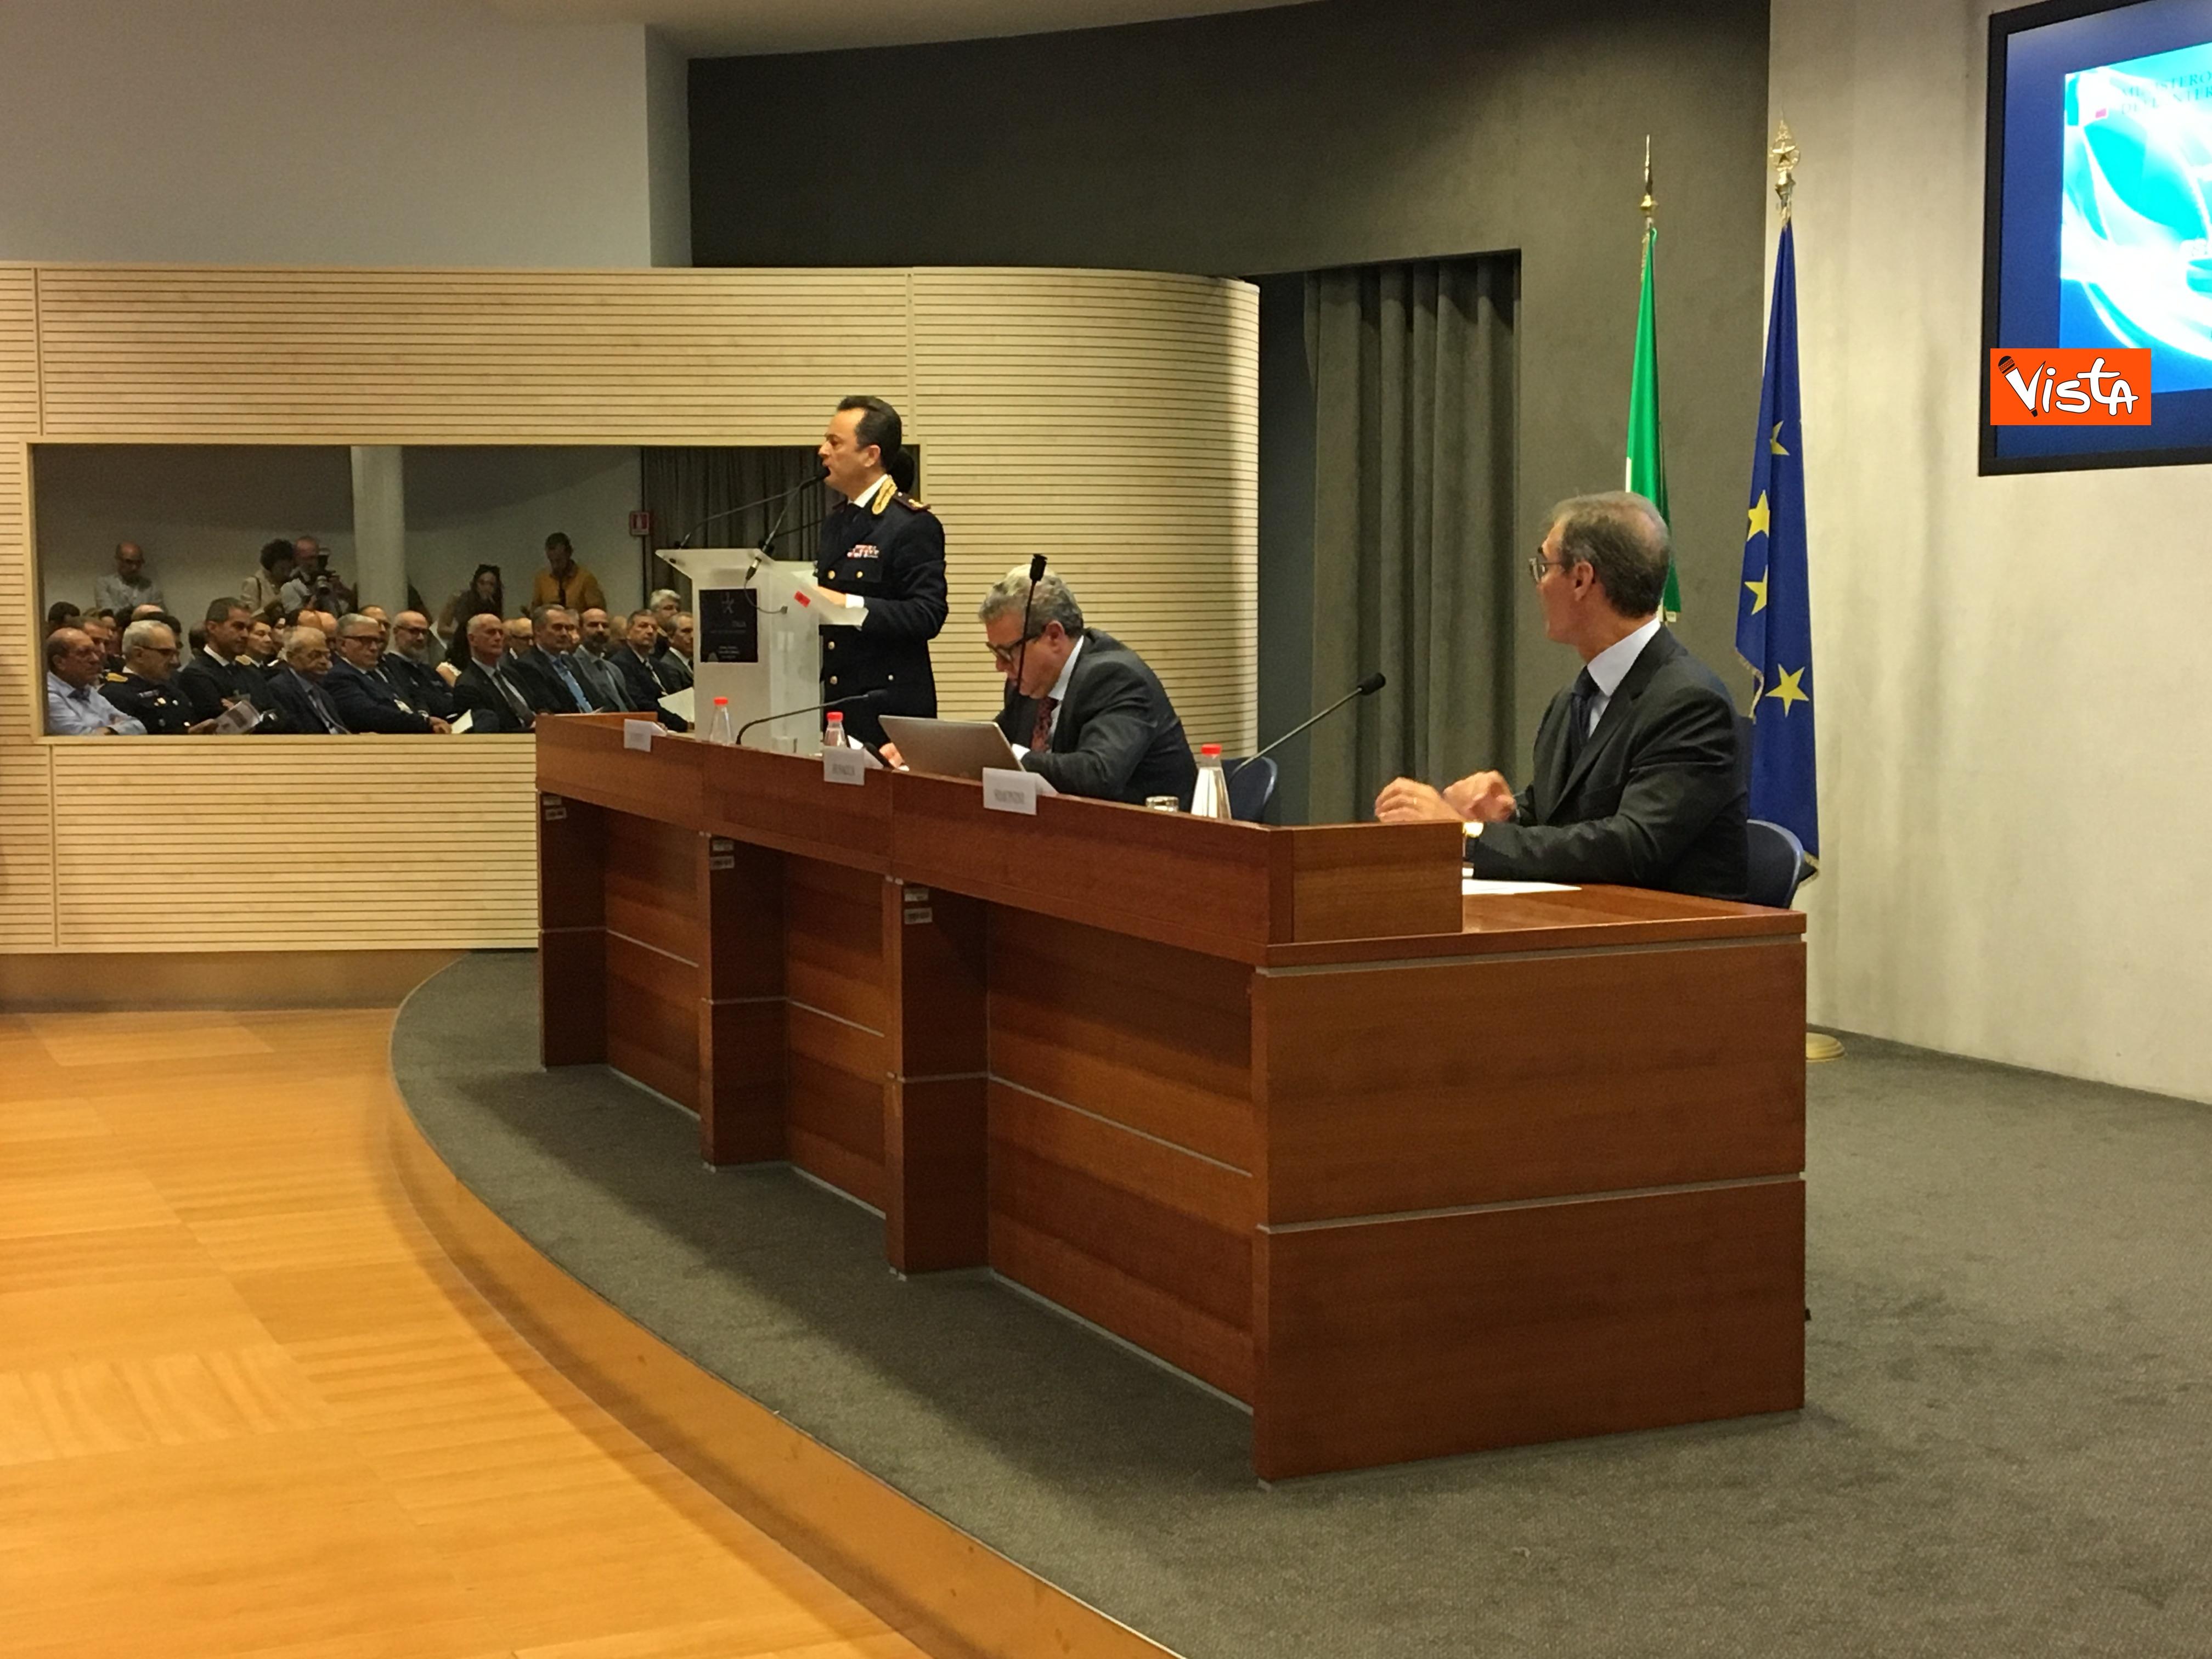 18-07-19 Viabilita Italia il piano di gestione per l esodo estivo presentato al Viminale immagini_14